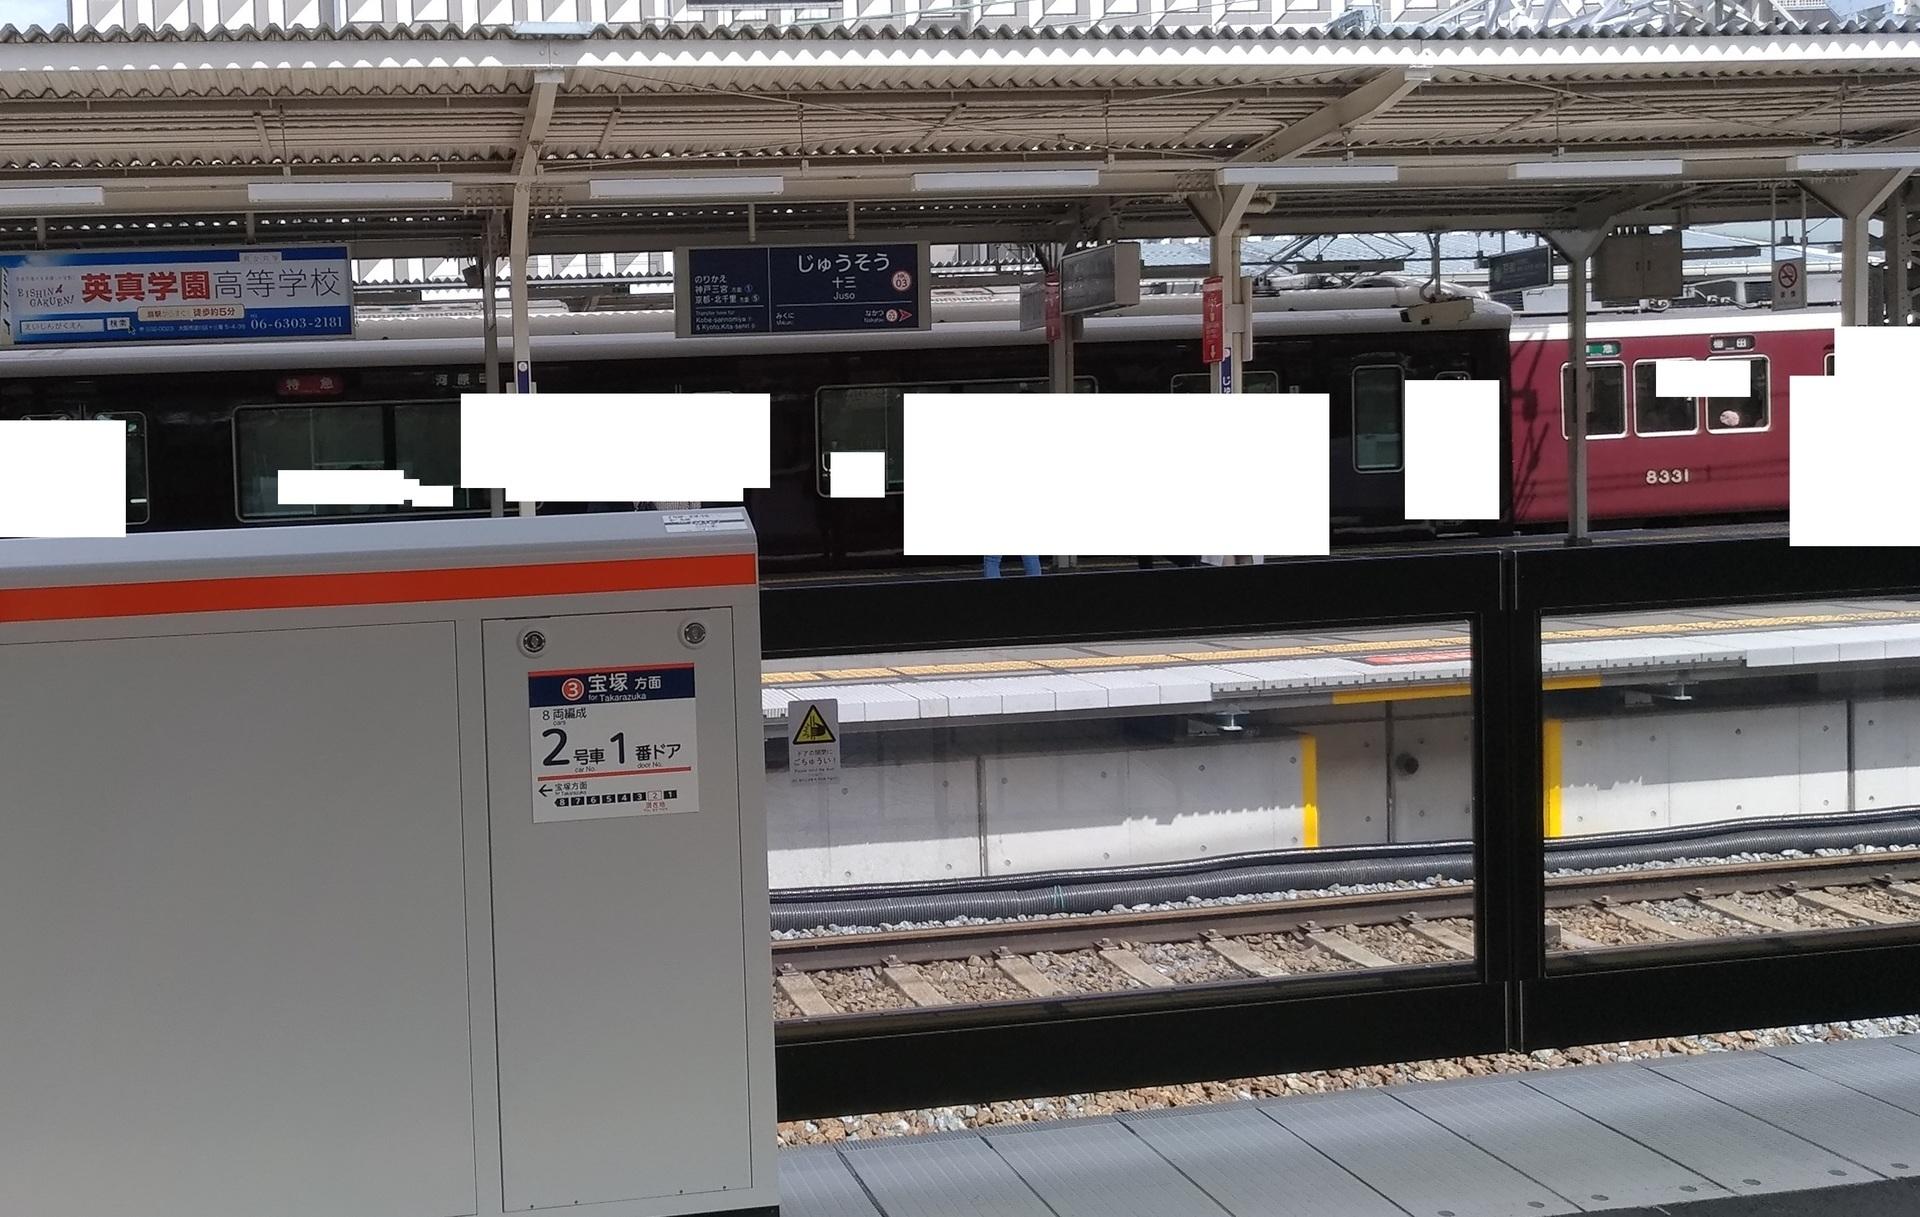 阪急 電車 落とし物